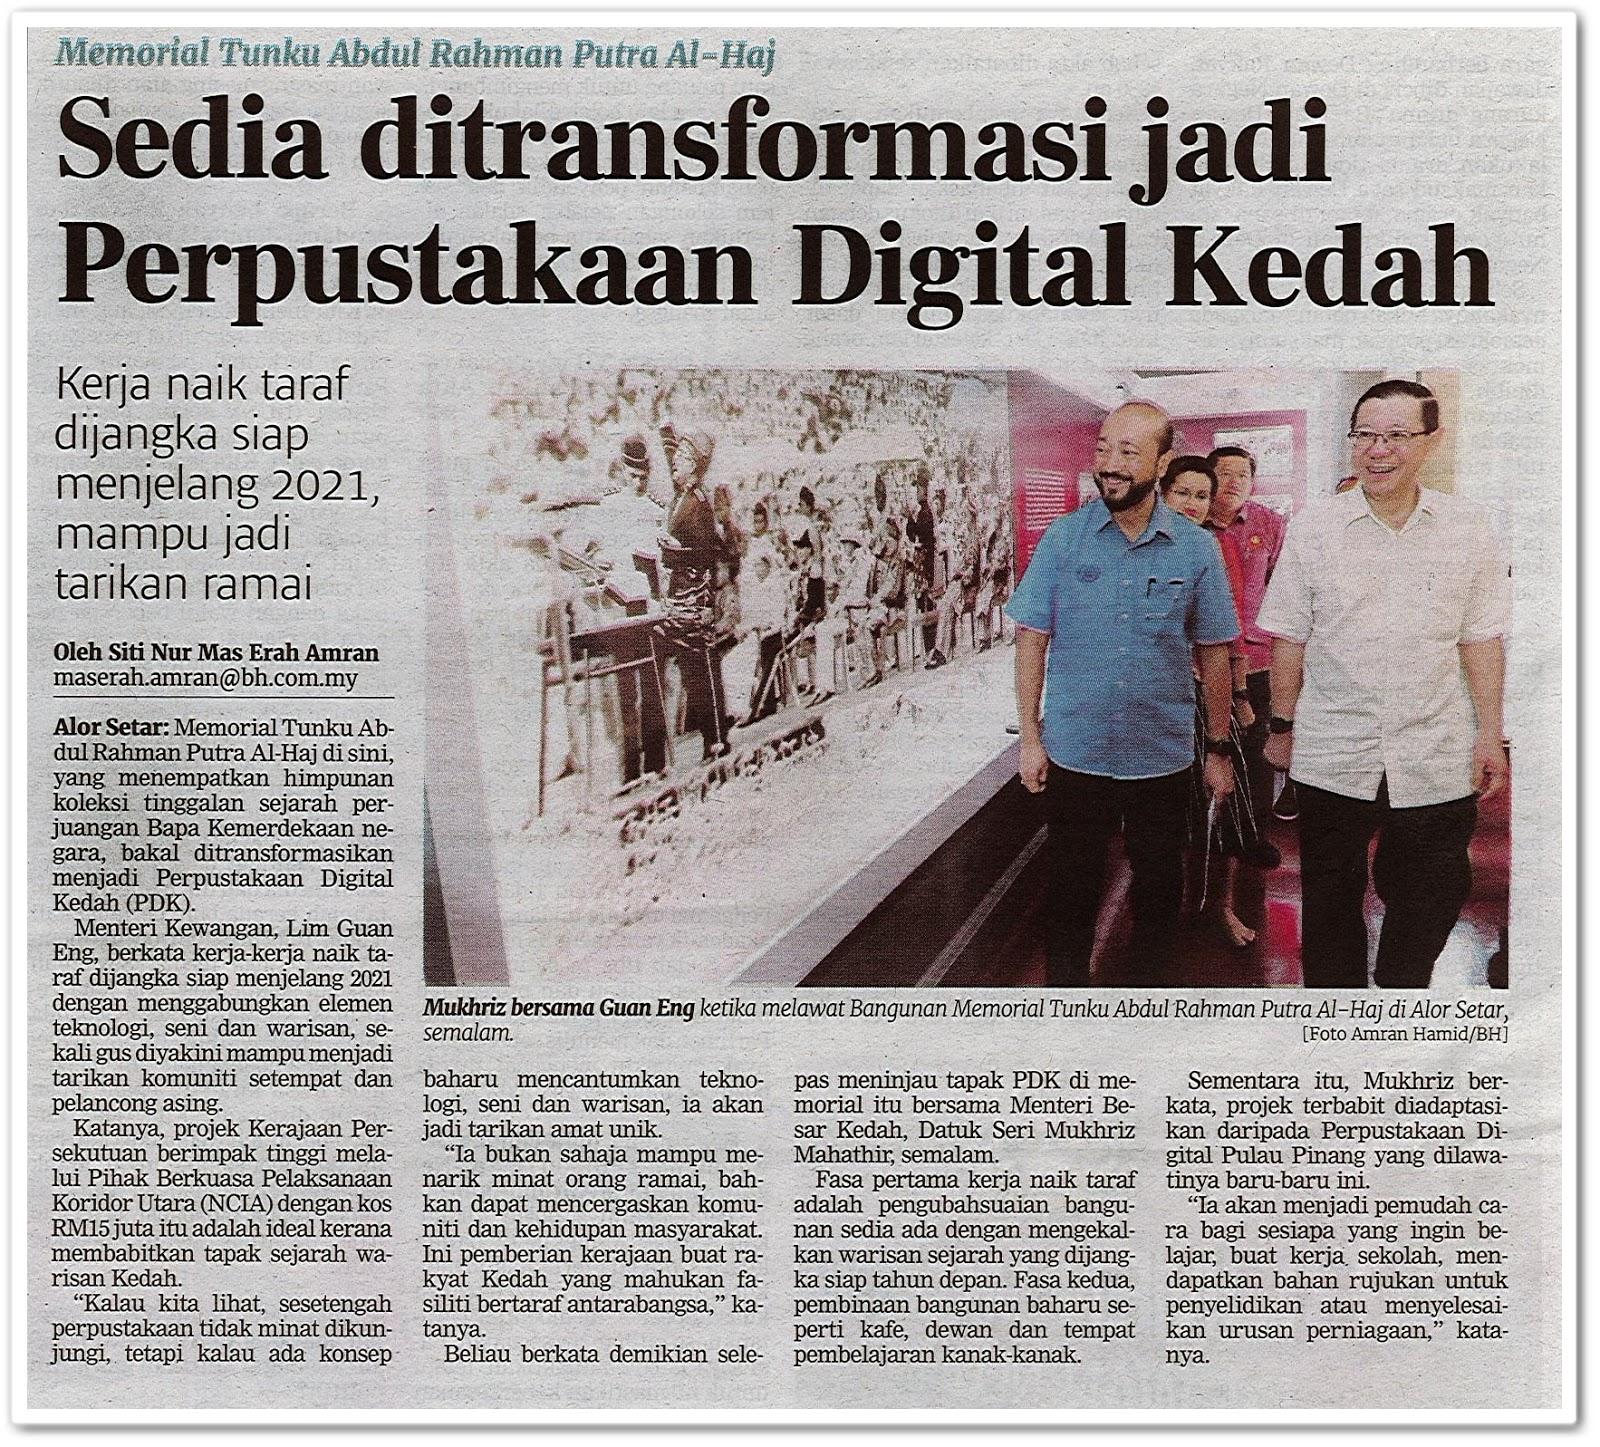 Sedia ditransformasi jadi Perpustakaan Digital Kedah - Keratan akhbar Berita Harian 28 Julai 2019